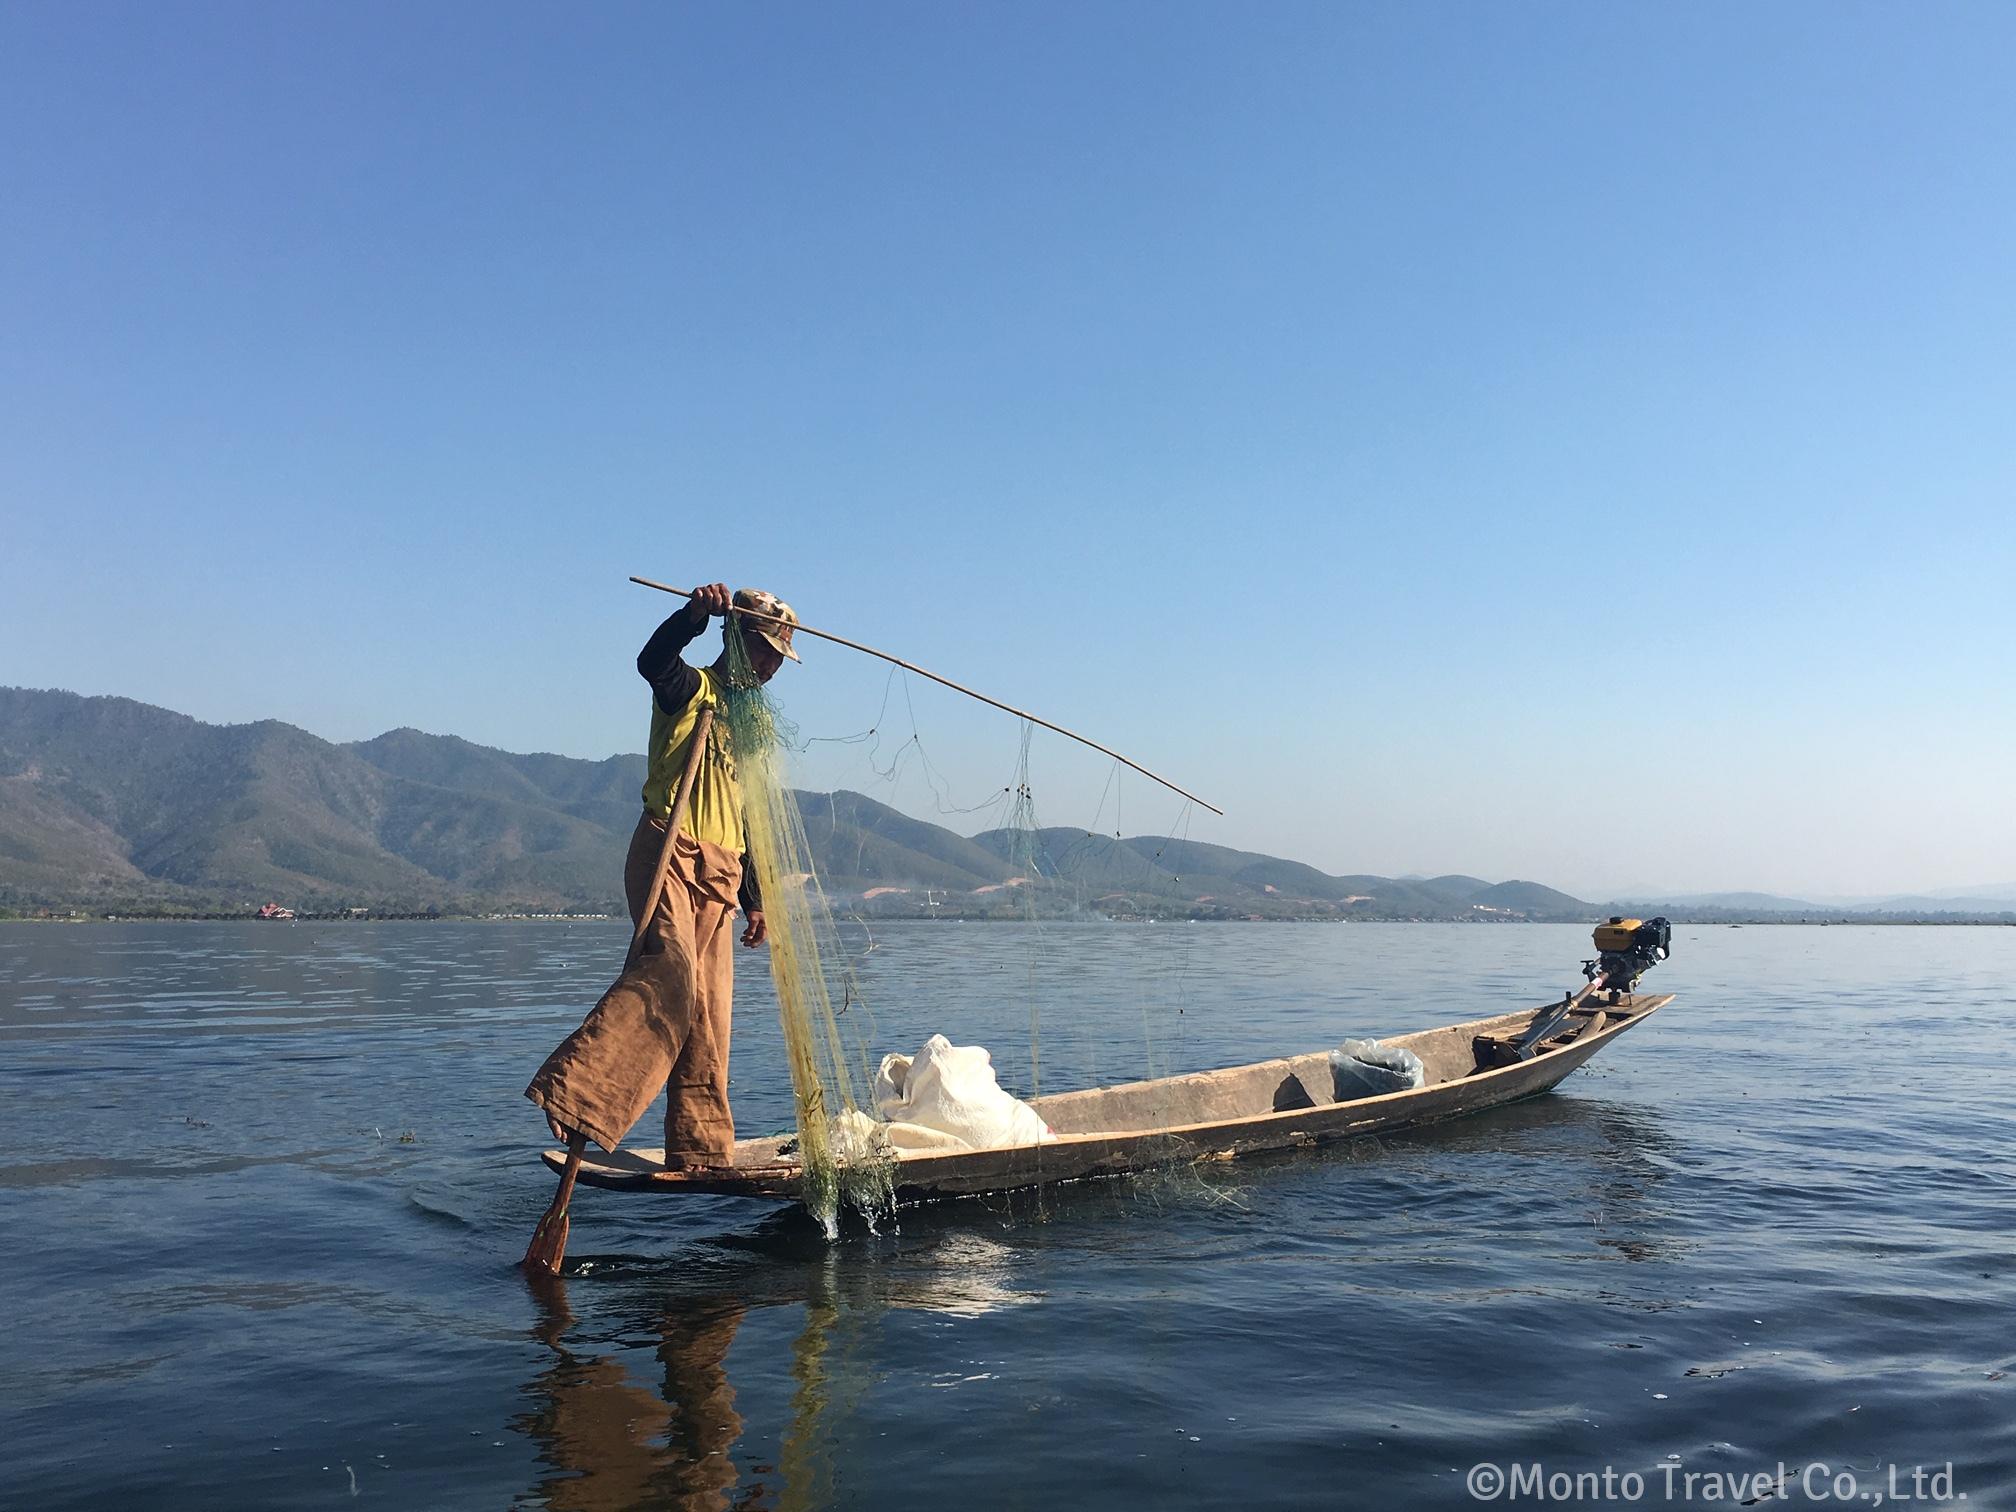 インレー湖 片足漕ぎ漁